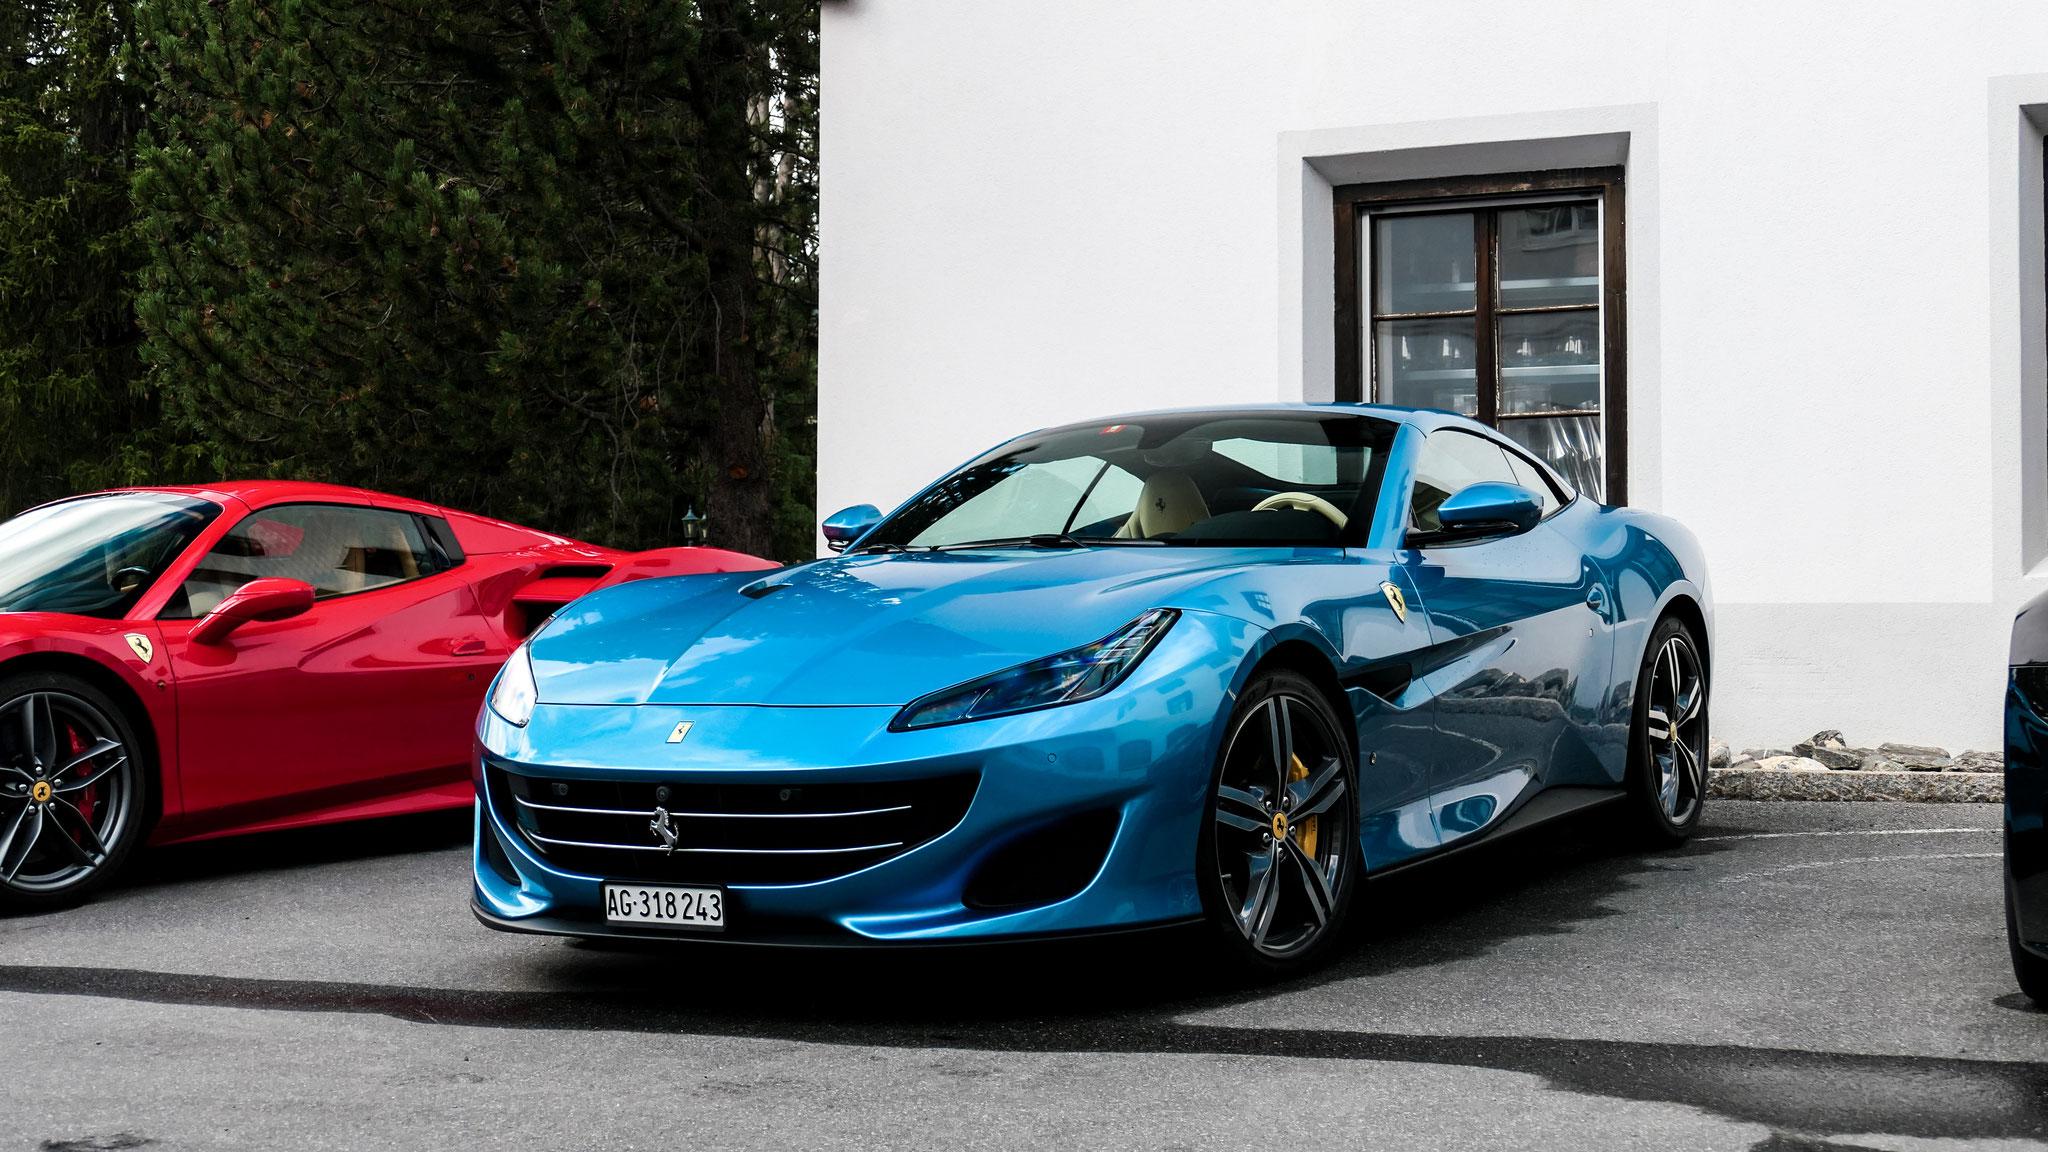 Ferrari Portofino - AG-318243